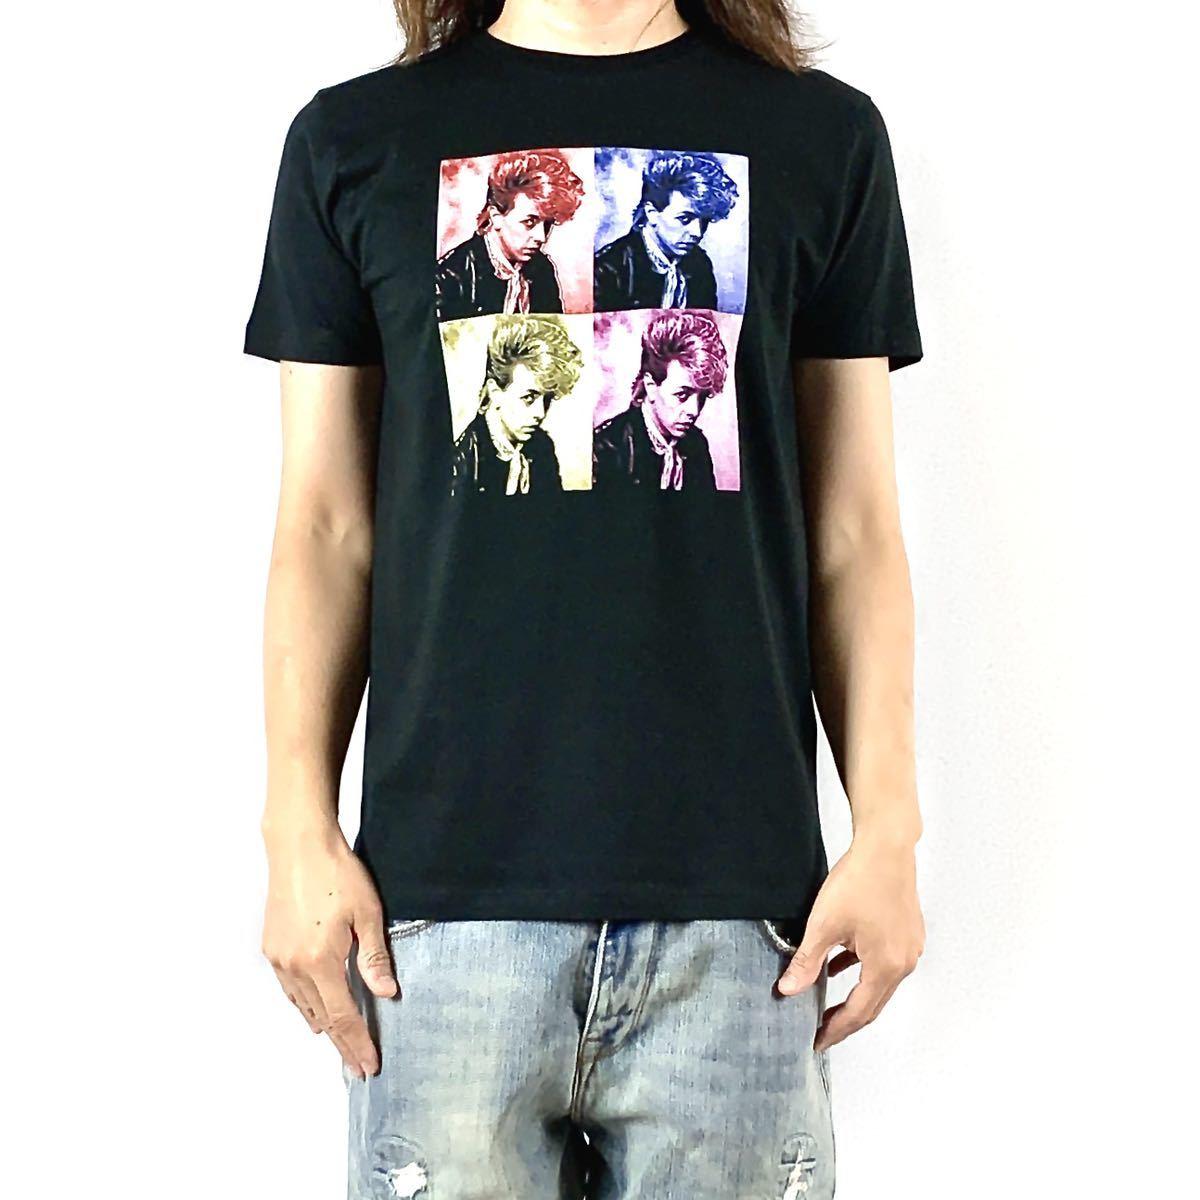 新品 ブライアンセッツァー カラフル ポップ アート ロカビリー バンド 黒 Tシャツ S M L XL ビッグ オーバー サイズ XXL~5XL ロンT 対応_画像2